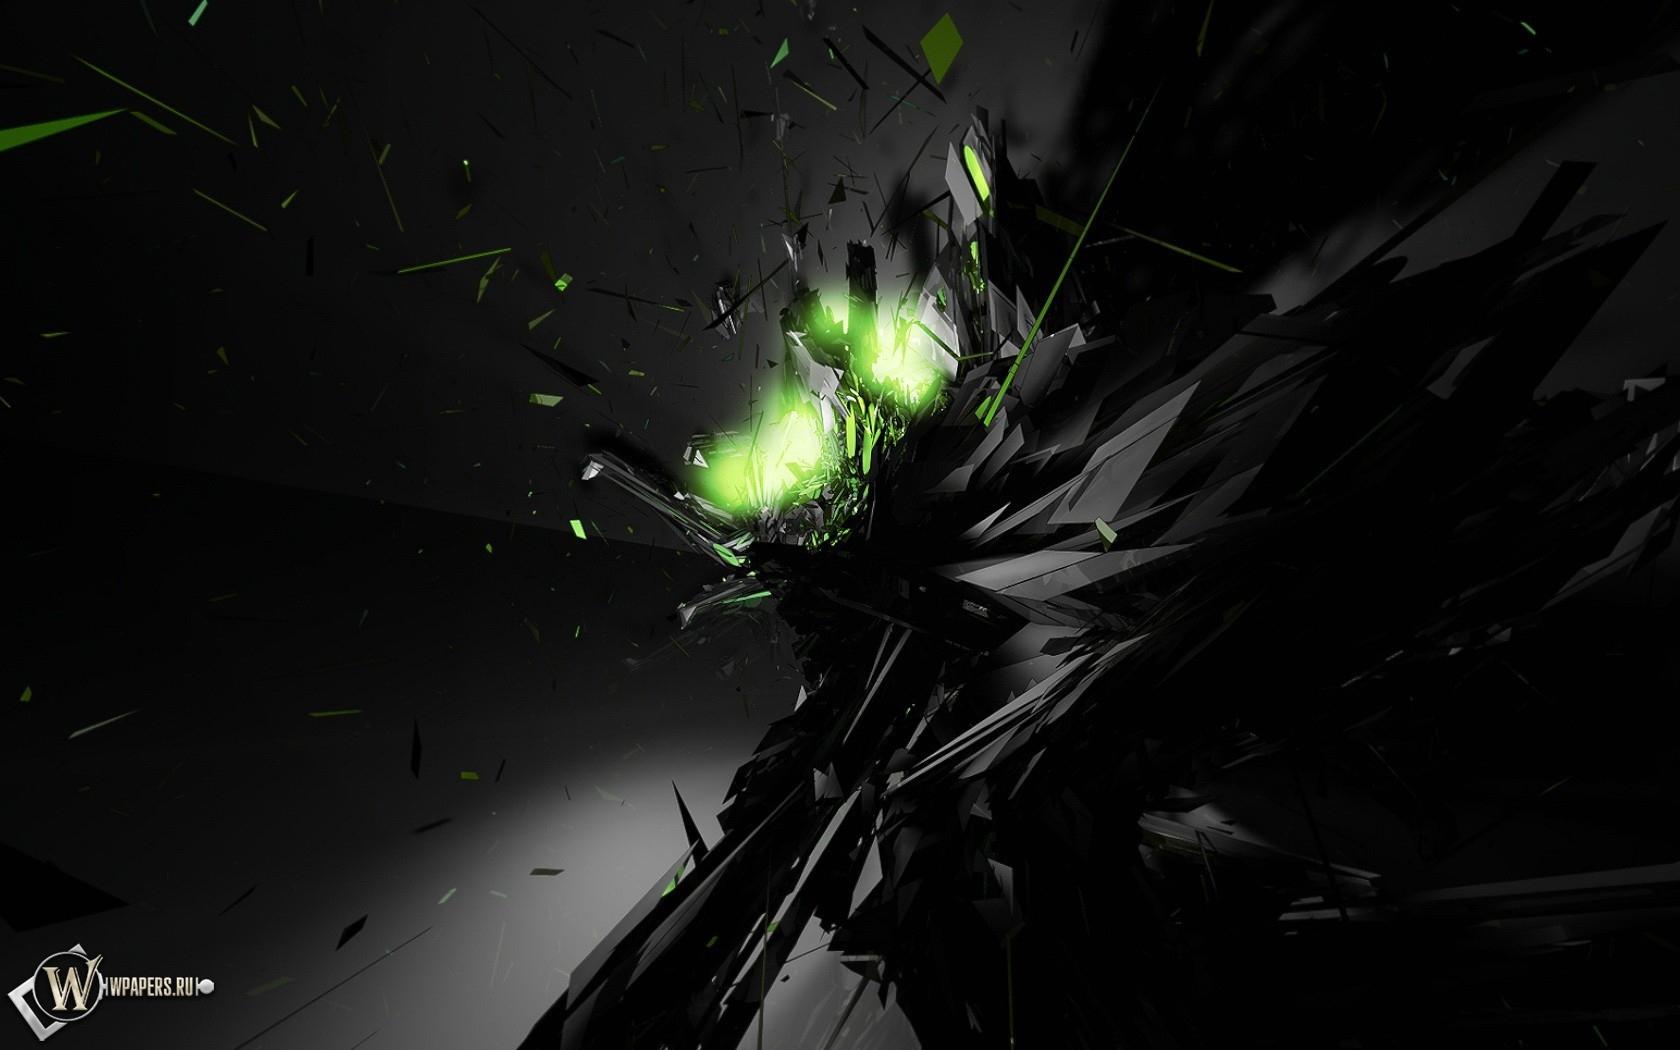 3D Взрыв 1680x1050